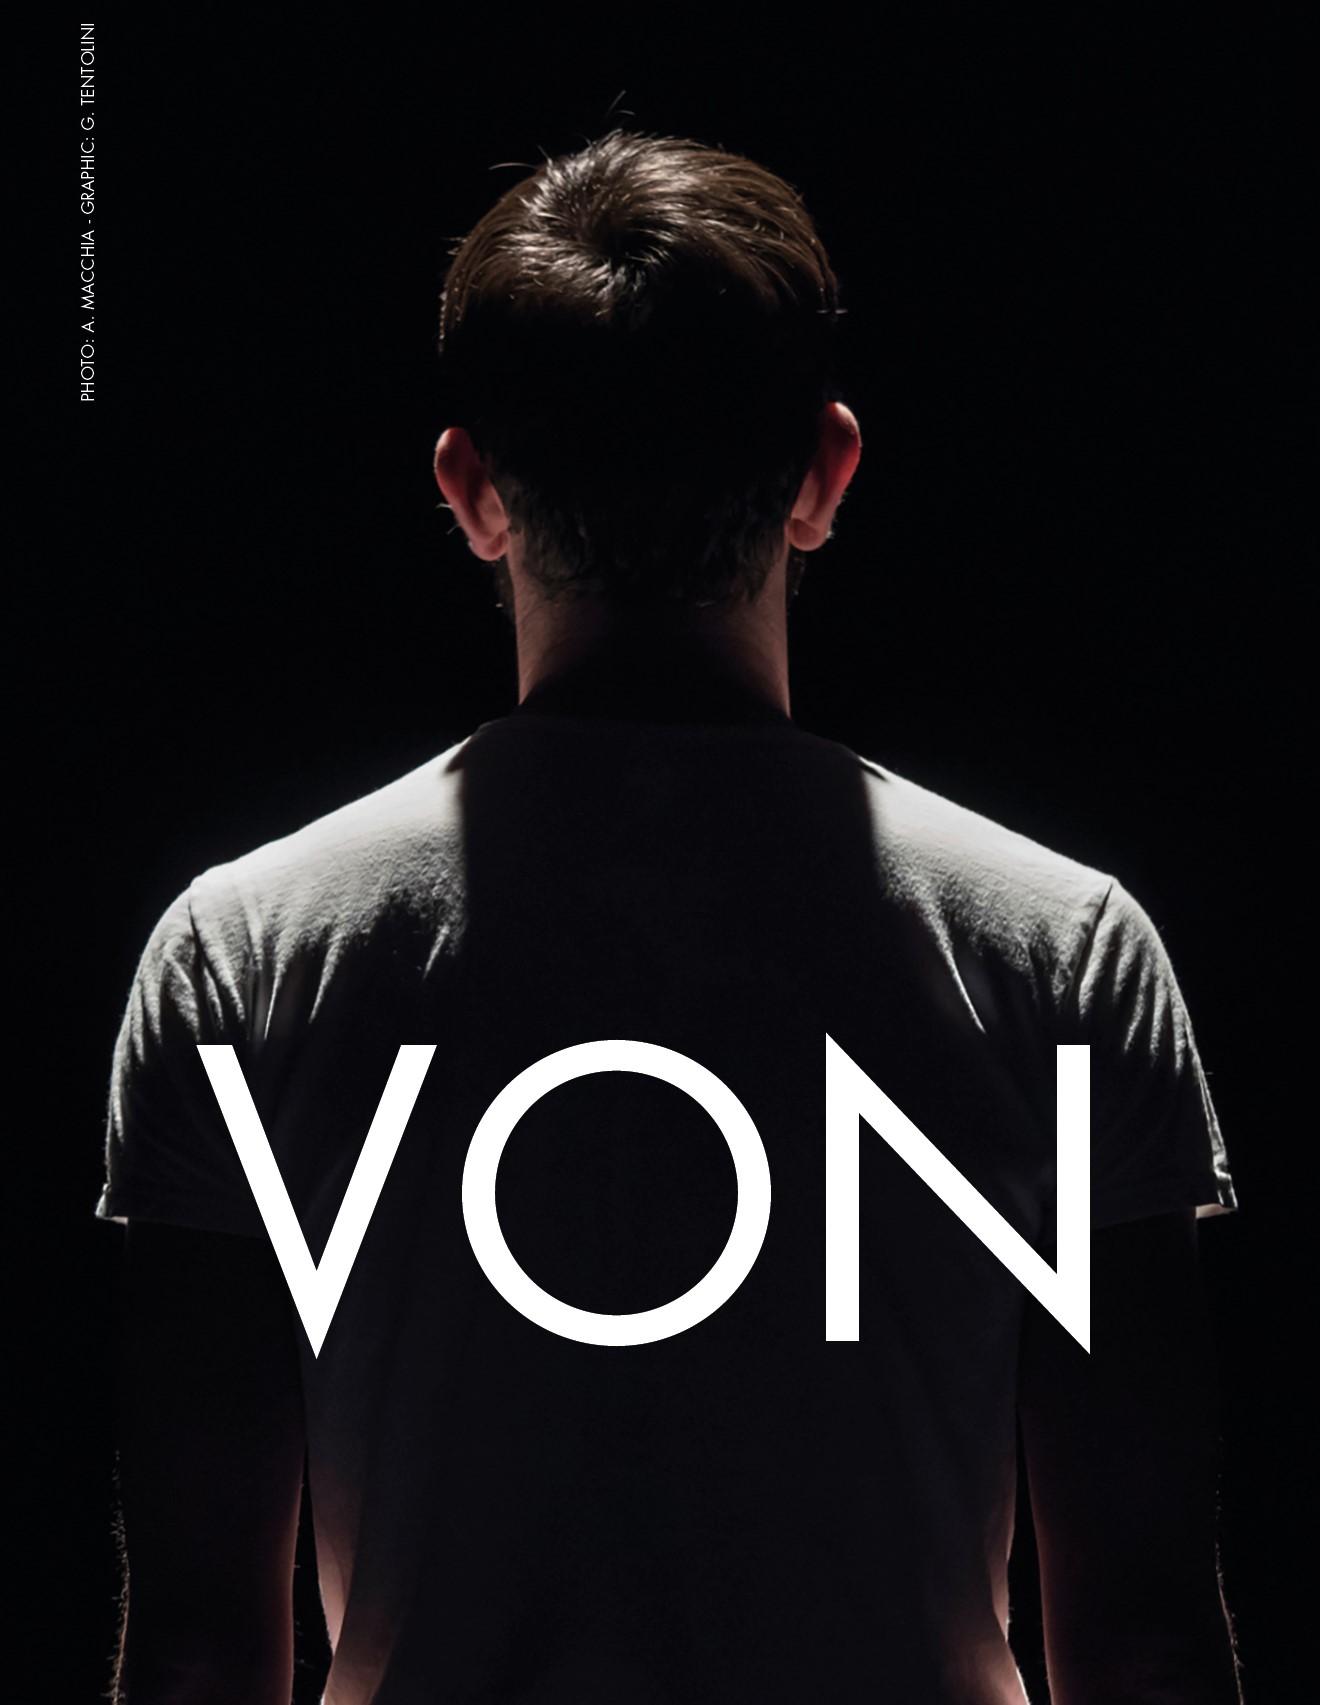 Debutta al FESTIVAL TORINODANZA 2017 VON ideato e realizzato da Daniele Albanese – prima italiana. Teatro Gobetti di Torino, sabato 16 settembre